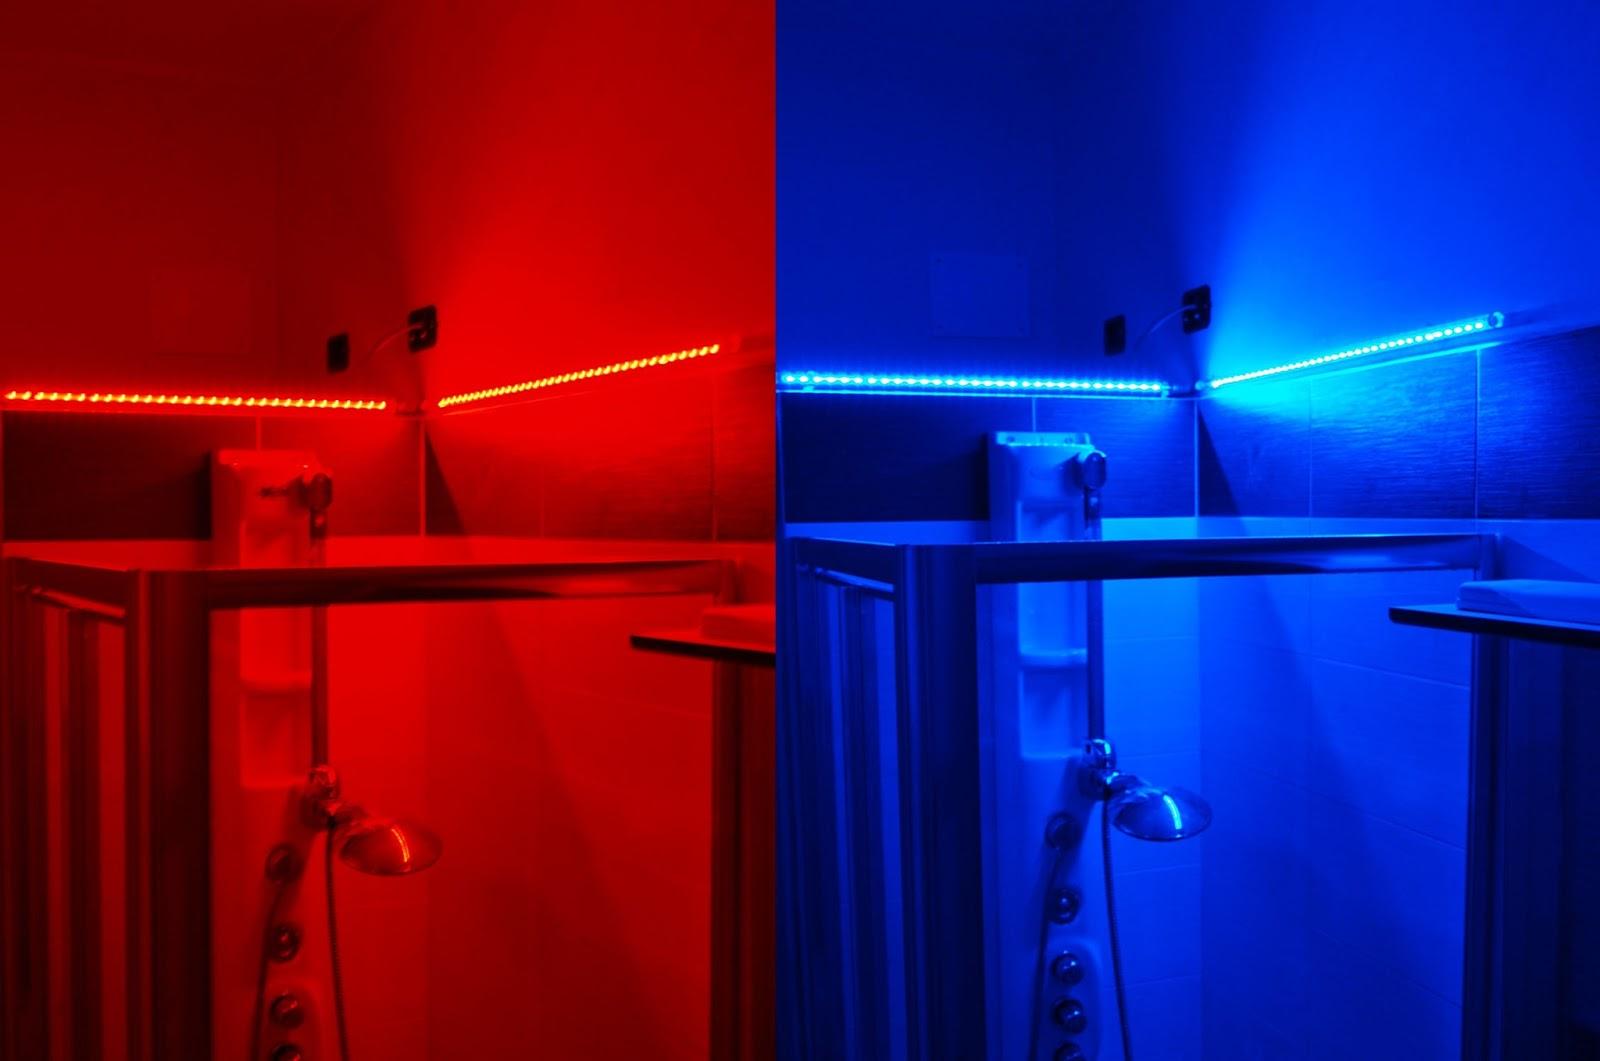 Illuminazione led casa illuminazione led multicolore rgb il